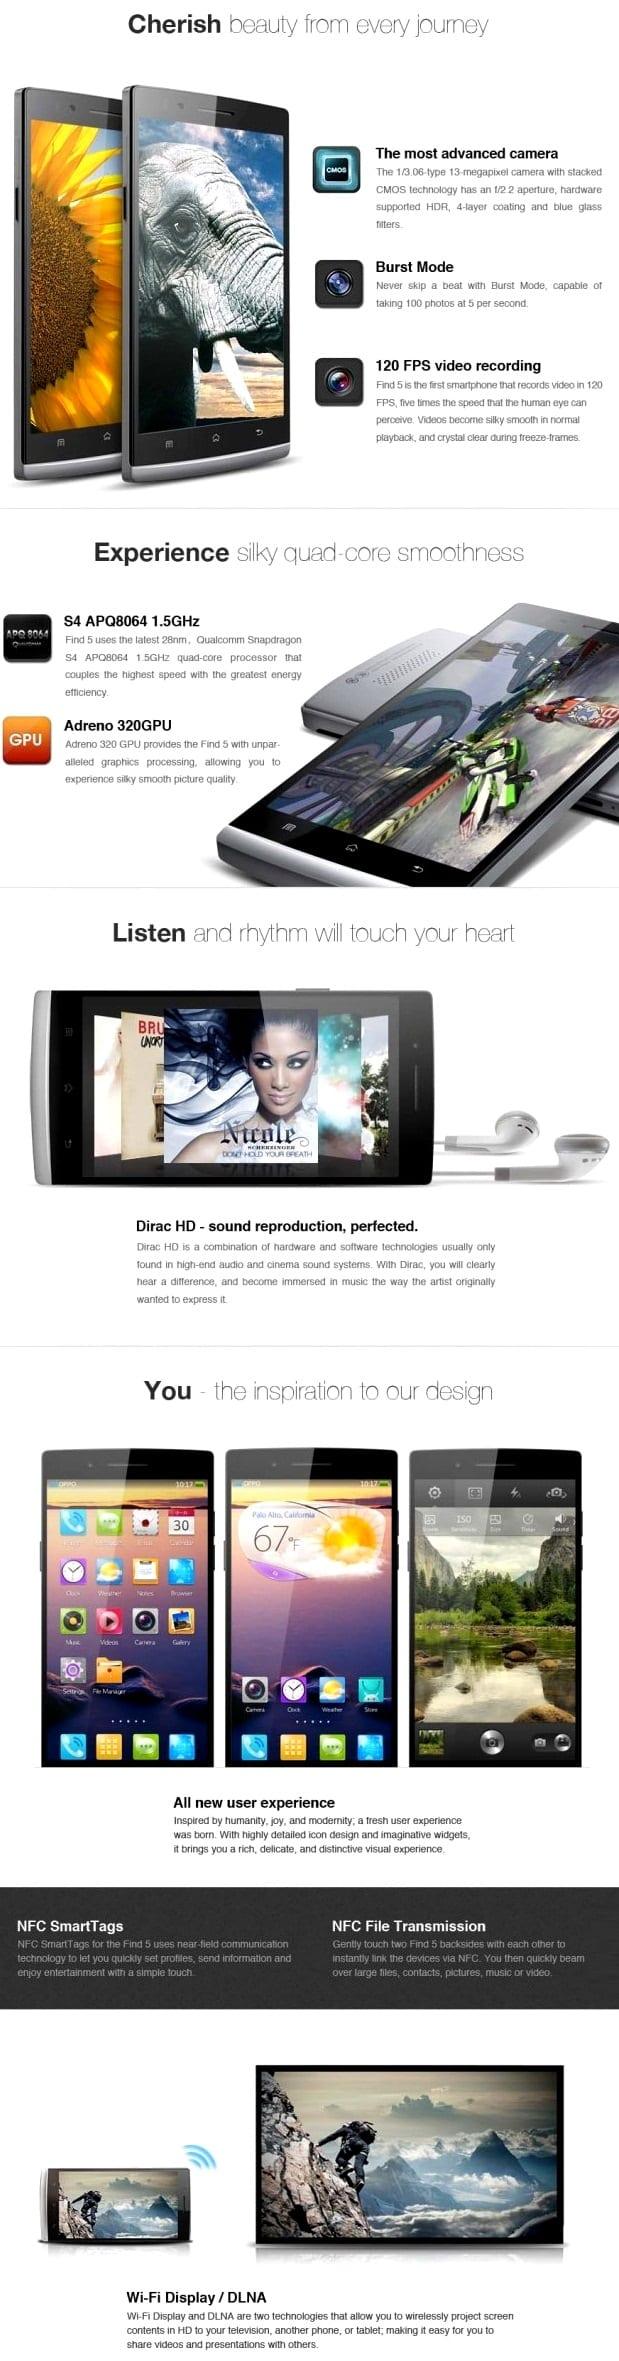 http://phoneworld.com.pk/wp-content/uploads/2013/03/find-5-features_2-1.jpg